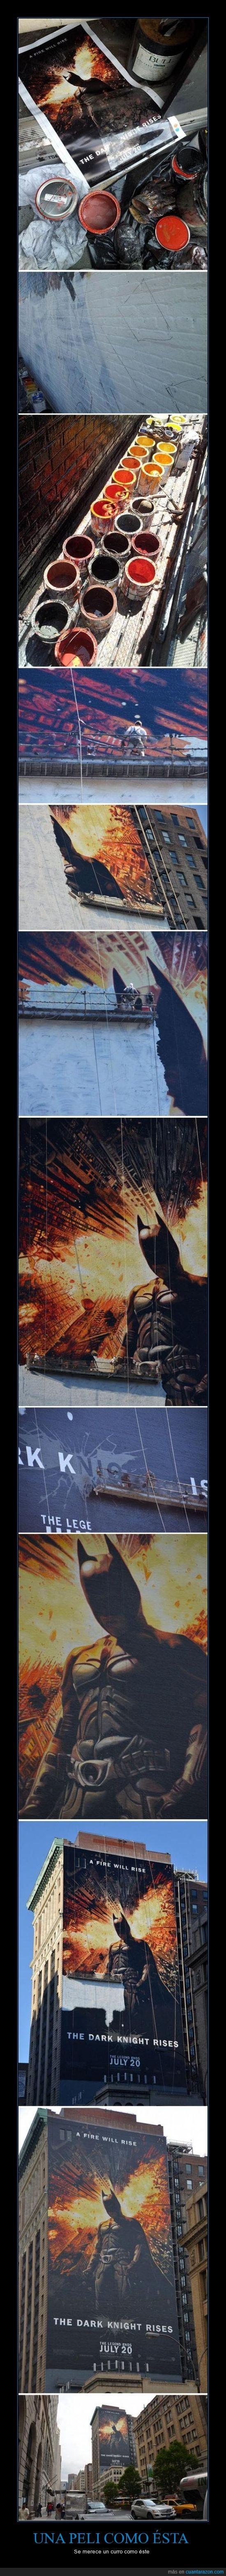 arte,batman,cine,pared,película,pintura